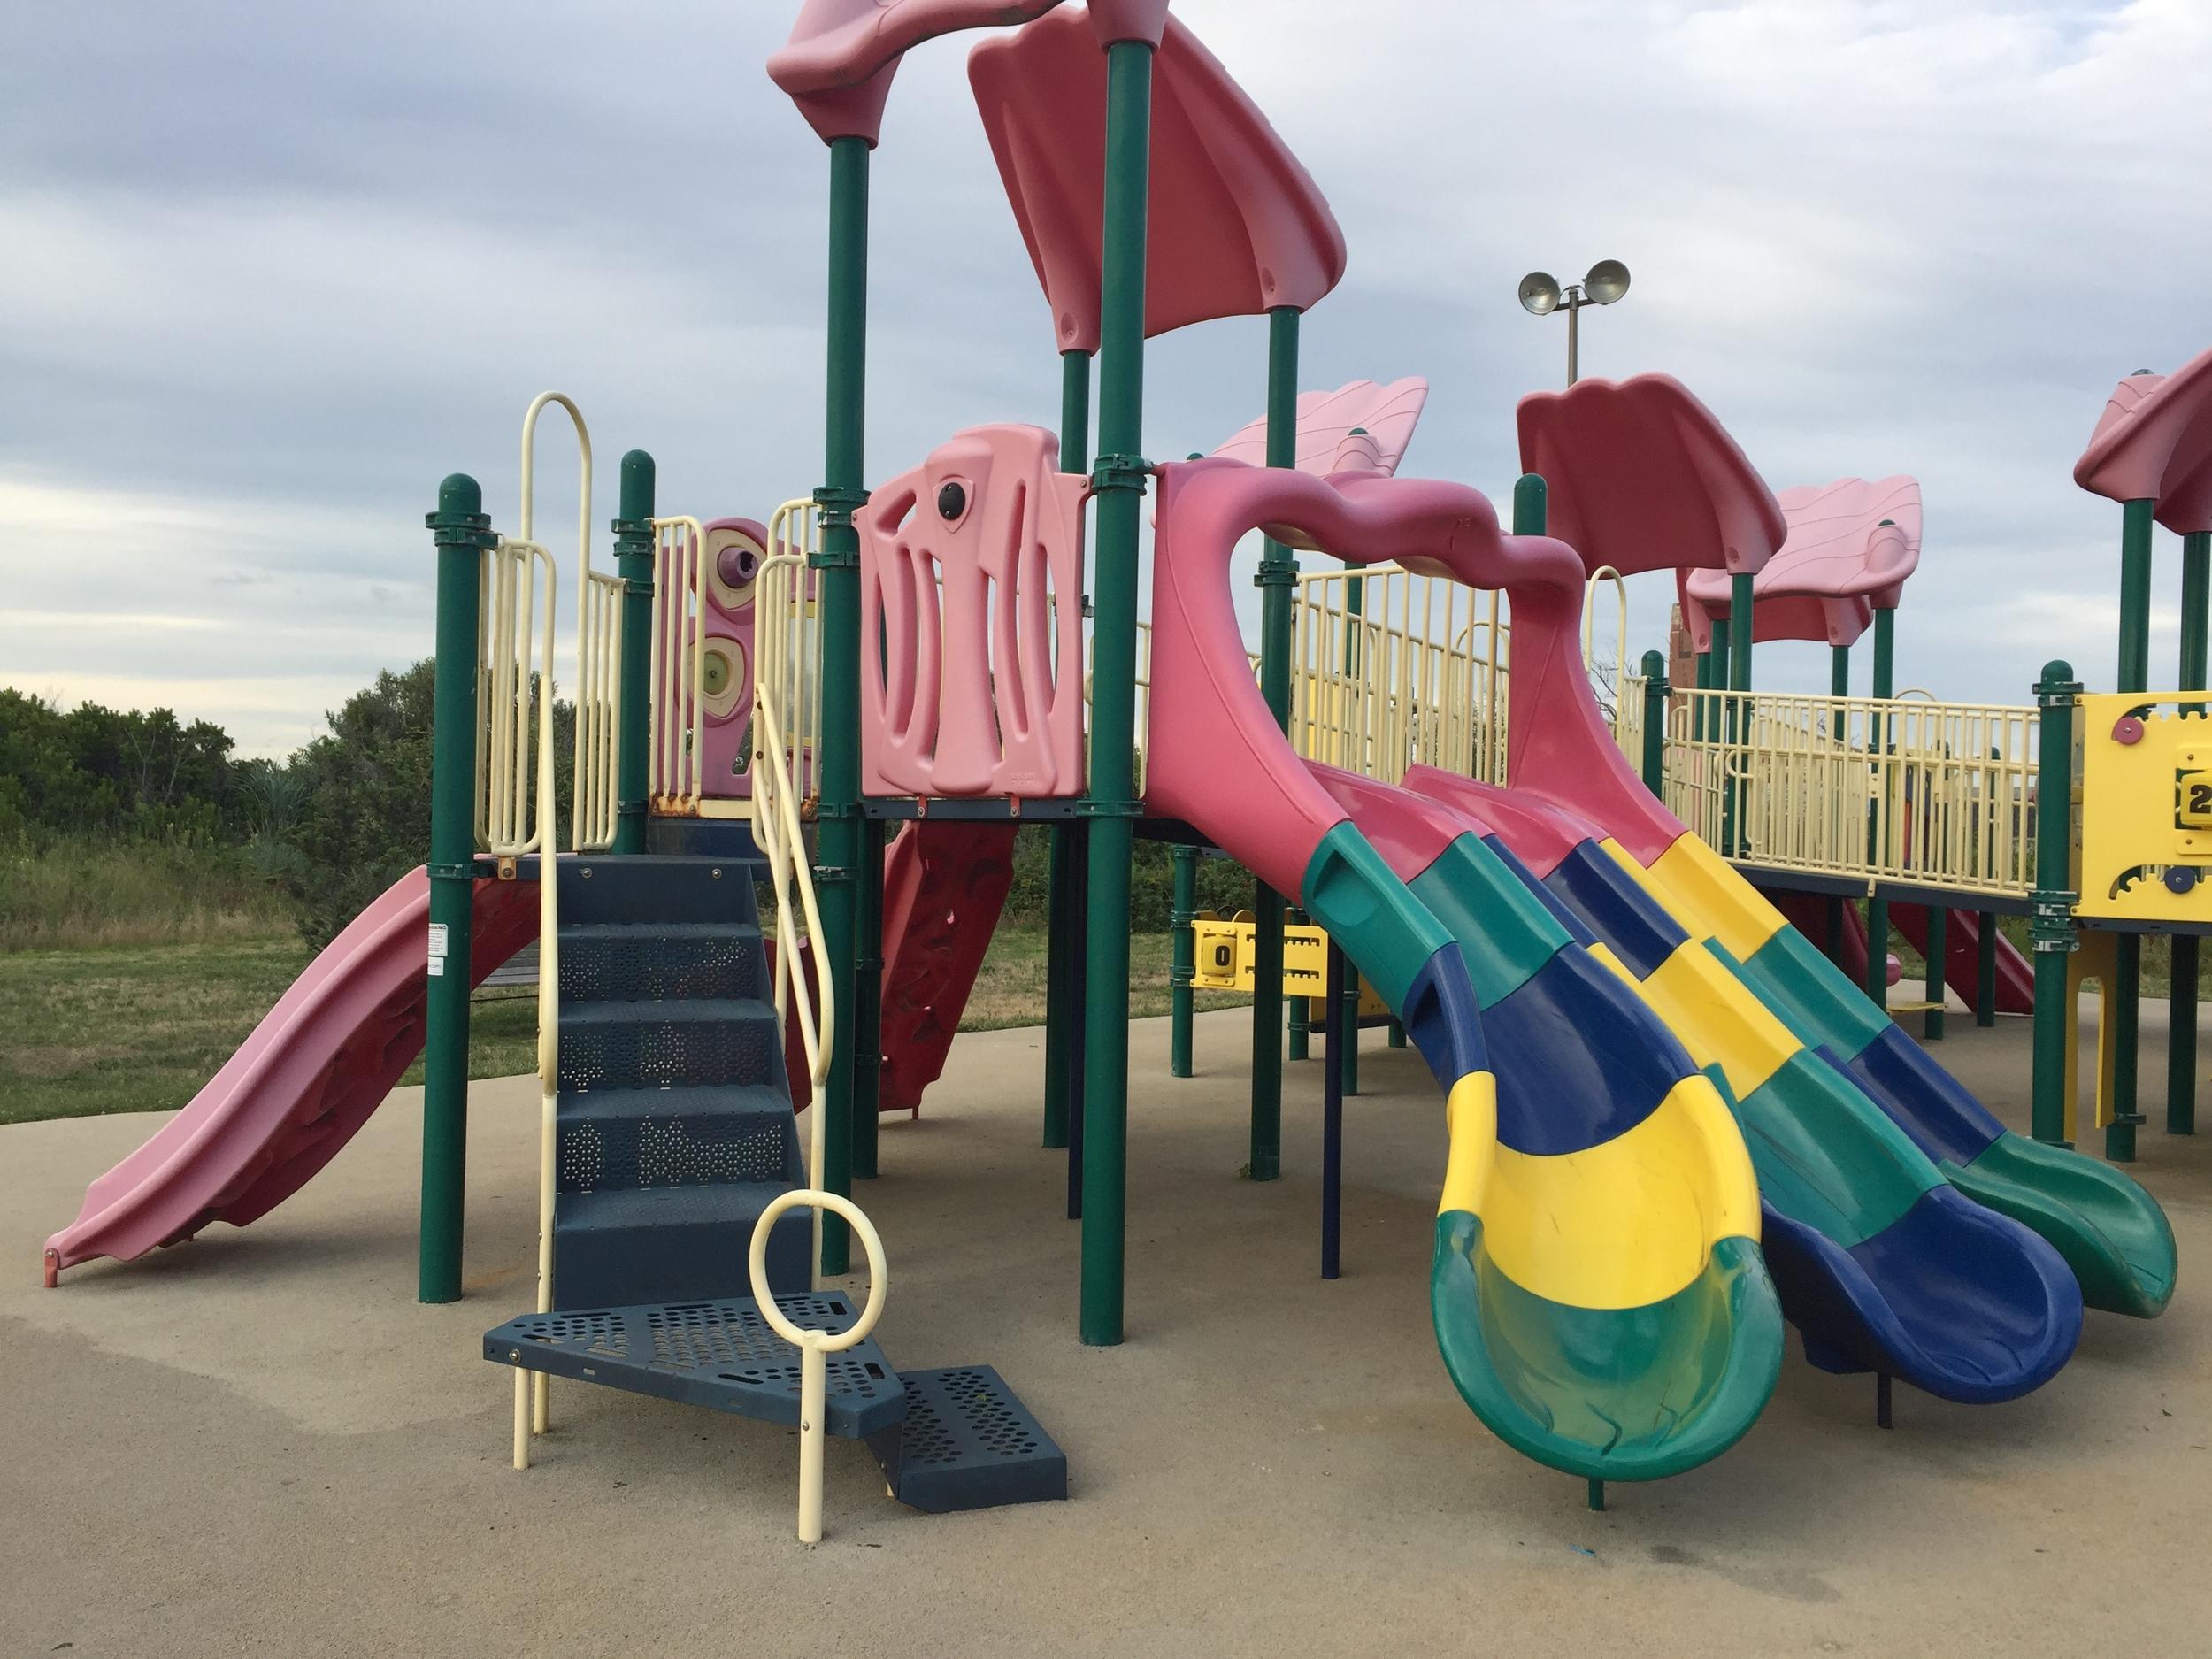 Boardwalk Playground at Jones Beach